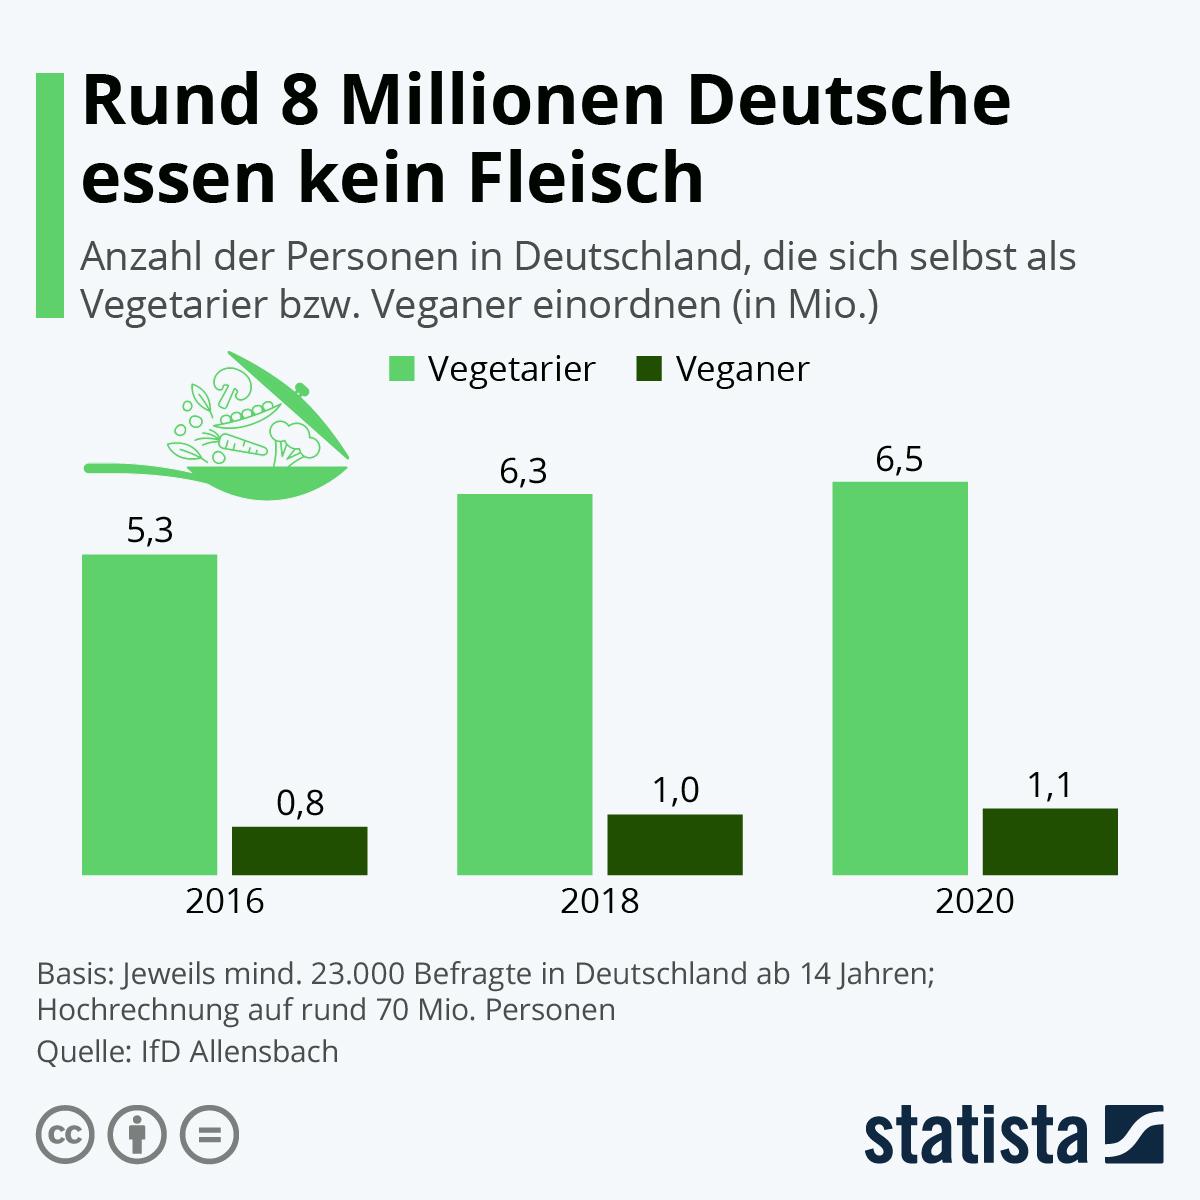 Infografik: Rund 8 Millionen Deutsche essen kein Fleisch | Statista